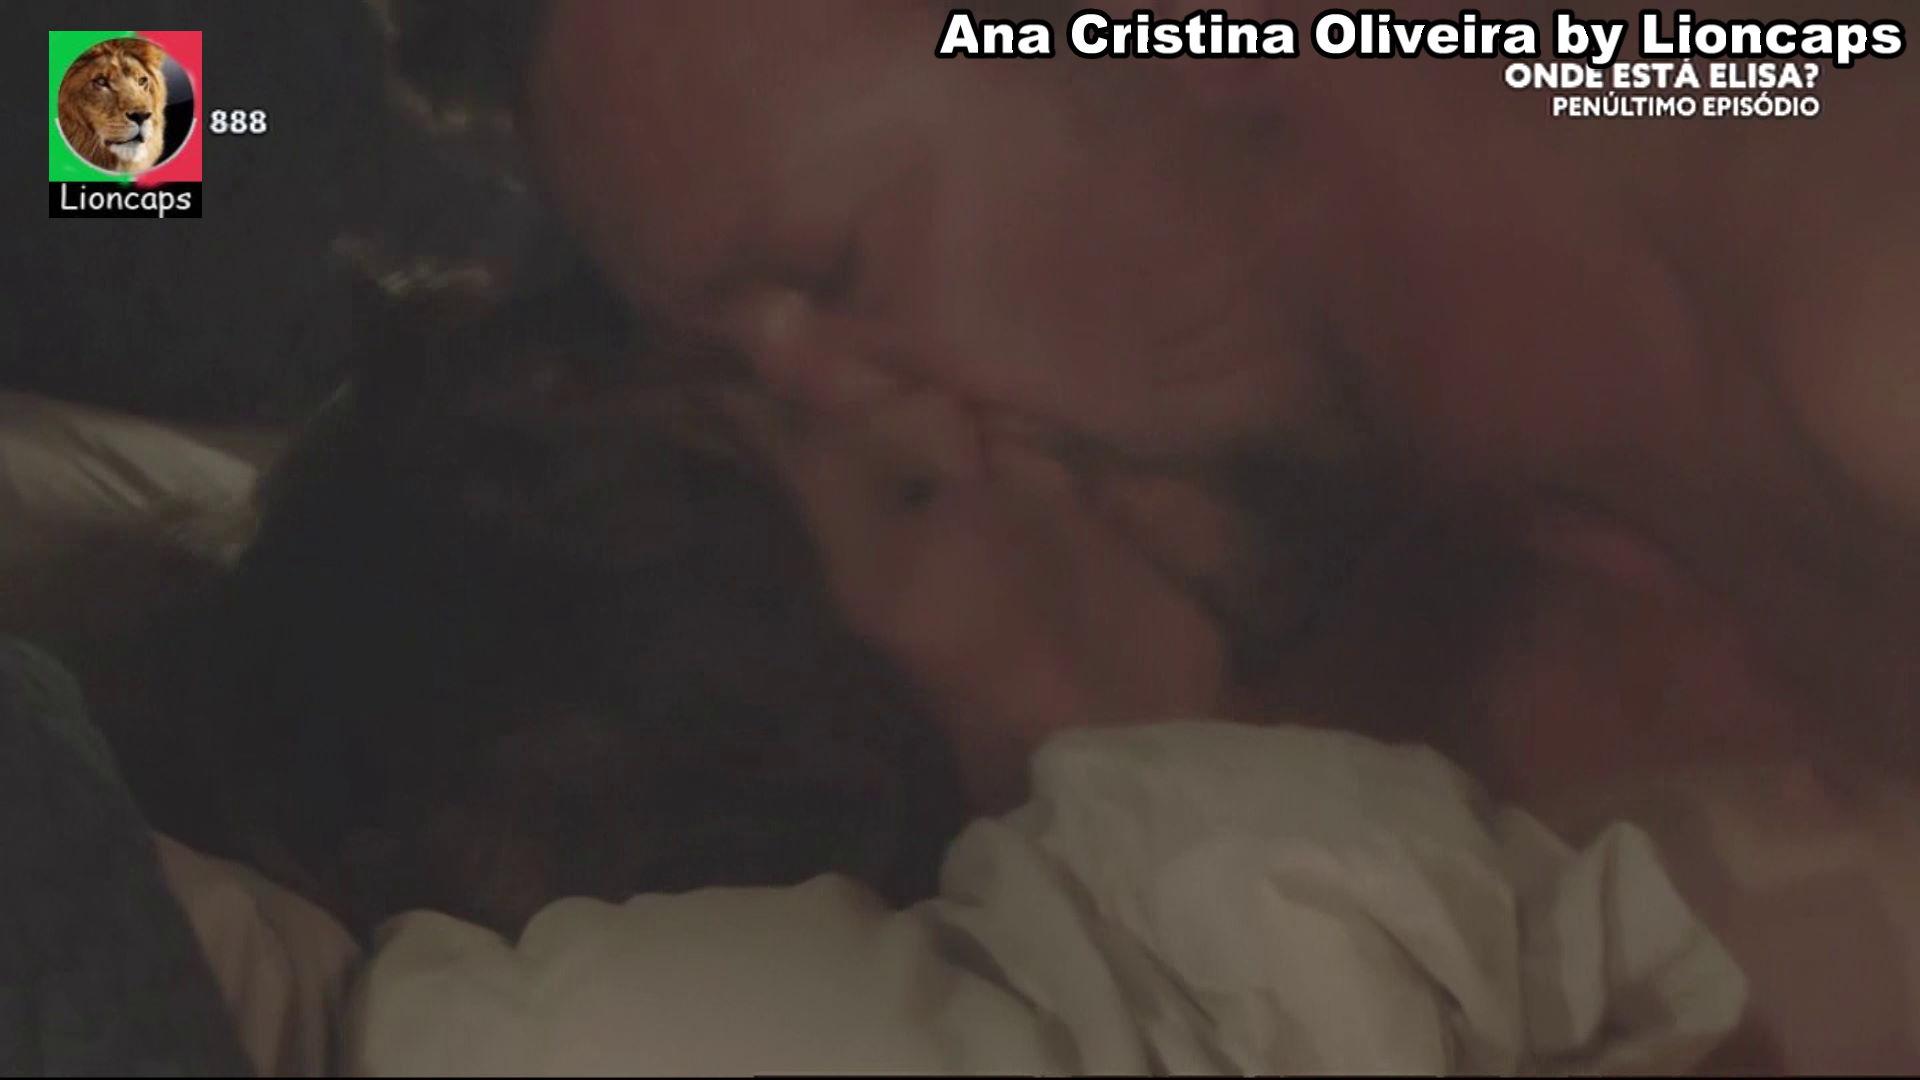 740610208_ana_cristina_oliveira_elisa_vs181202_00111_123_230lo.JPG